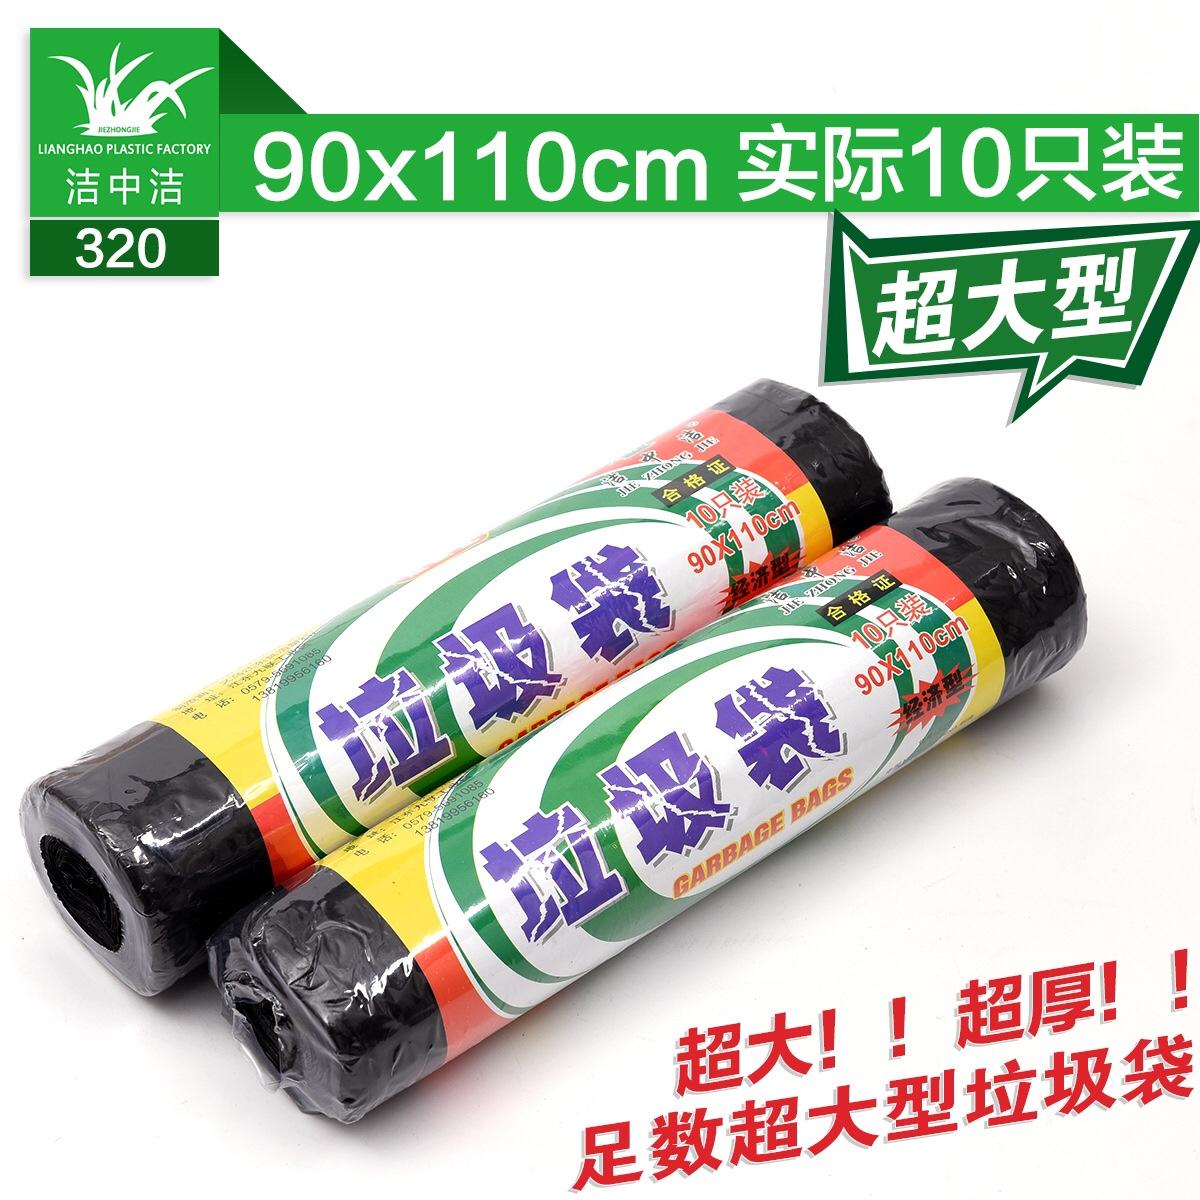 洁中洁点断式垃圾袋90×110cm10只装(物业商场专用)